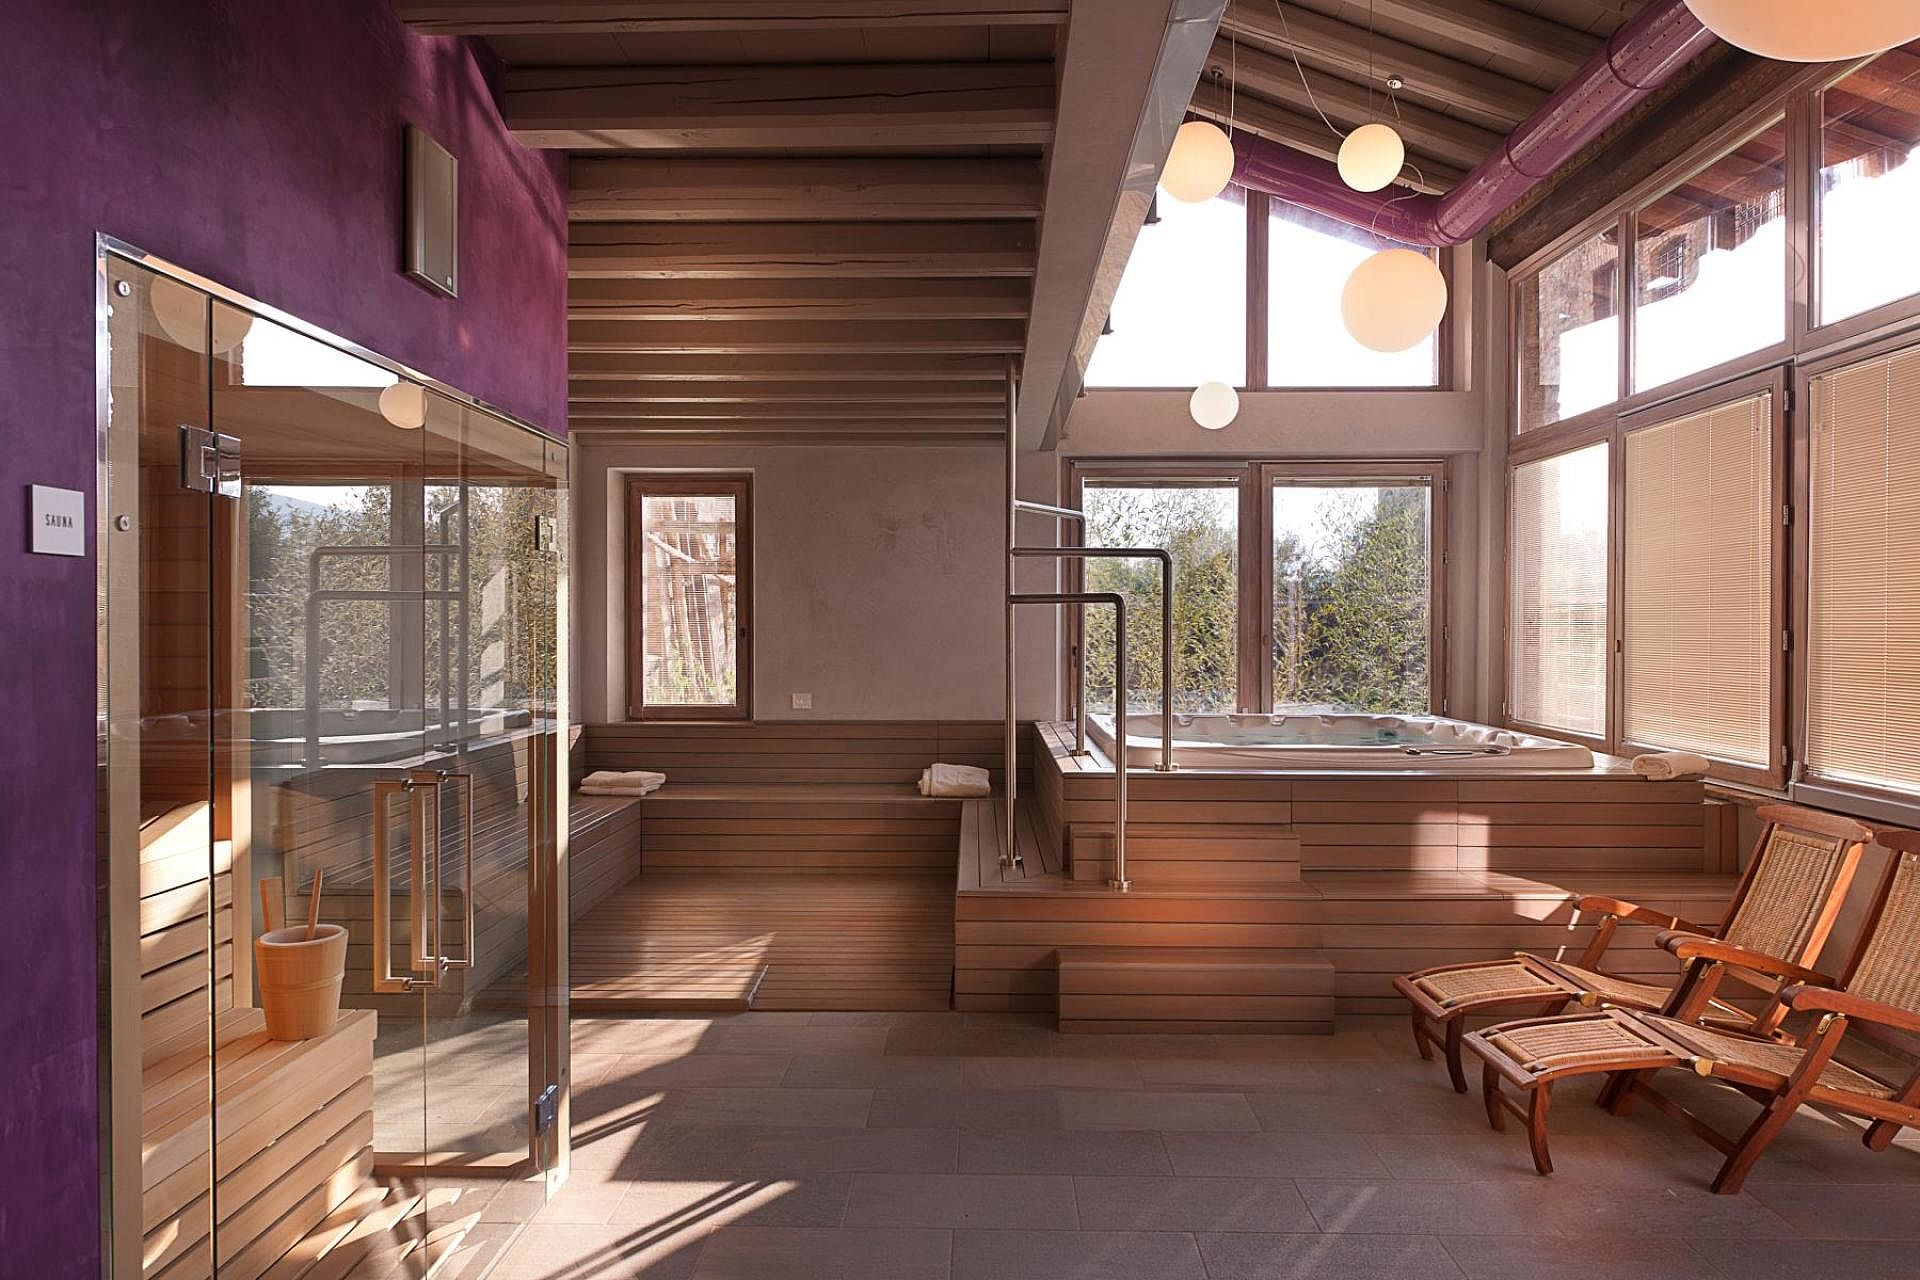 villa dei campi gardasee online zum bestpreis buchen. Black Bedroom Furniture Sets. Home Design Ideas